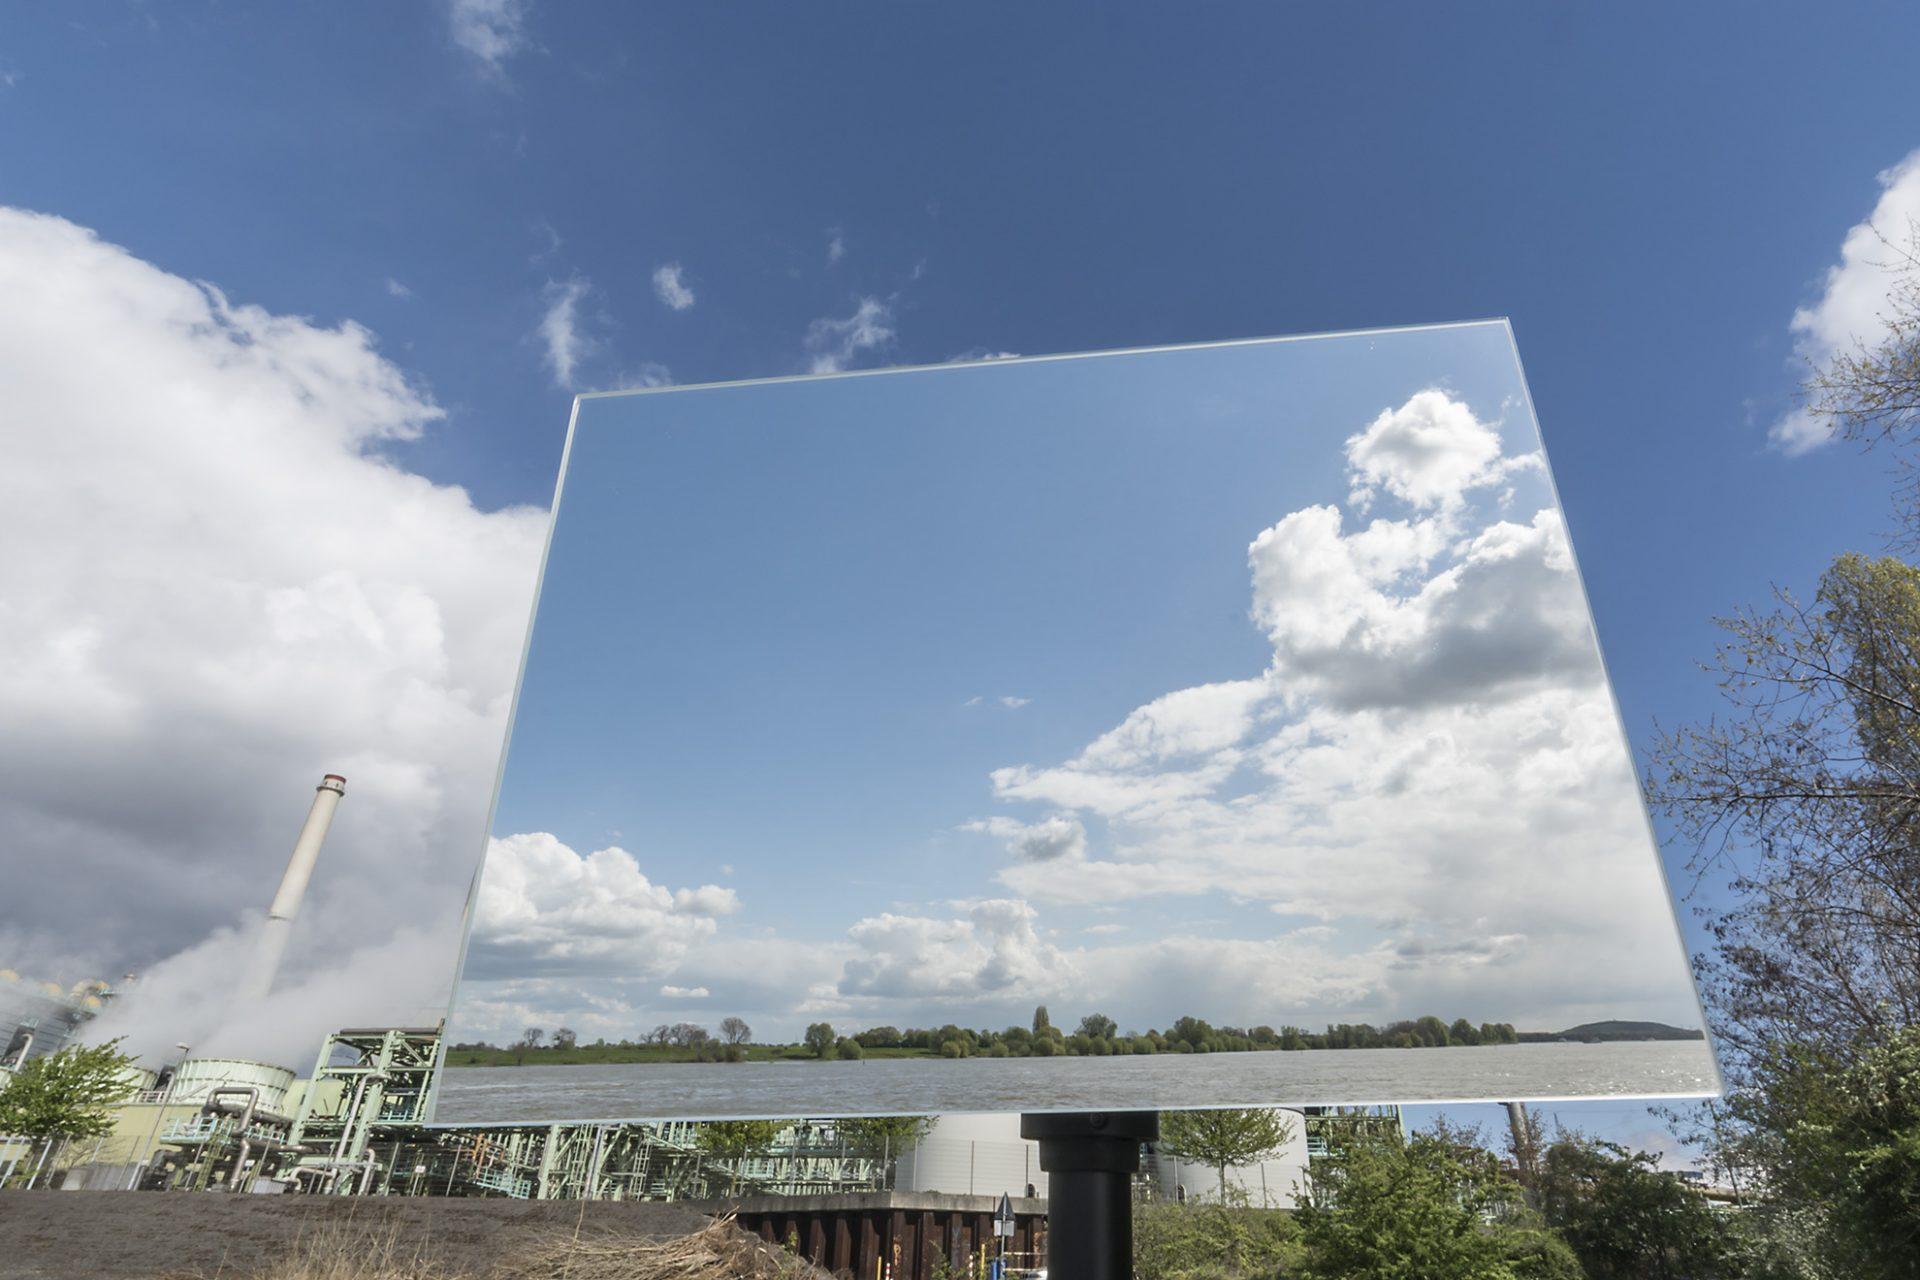 Rhein/Kokerei Schwelgern • Lambda-Print auf FUJIFILM Crystal Archive DPII, 75 x 50 cm, rahmenloser Bilderhalter • Auflage: 5 + 2 Artist's Proof